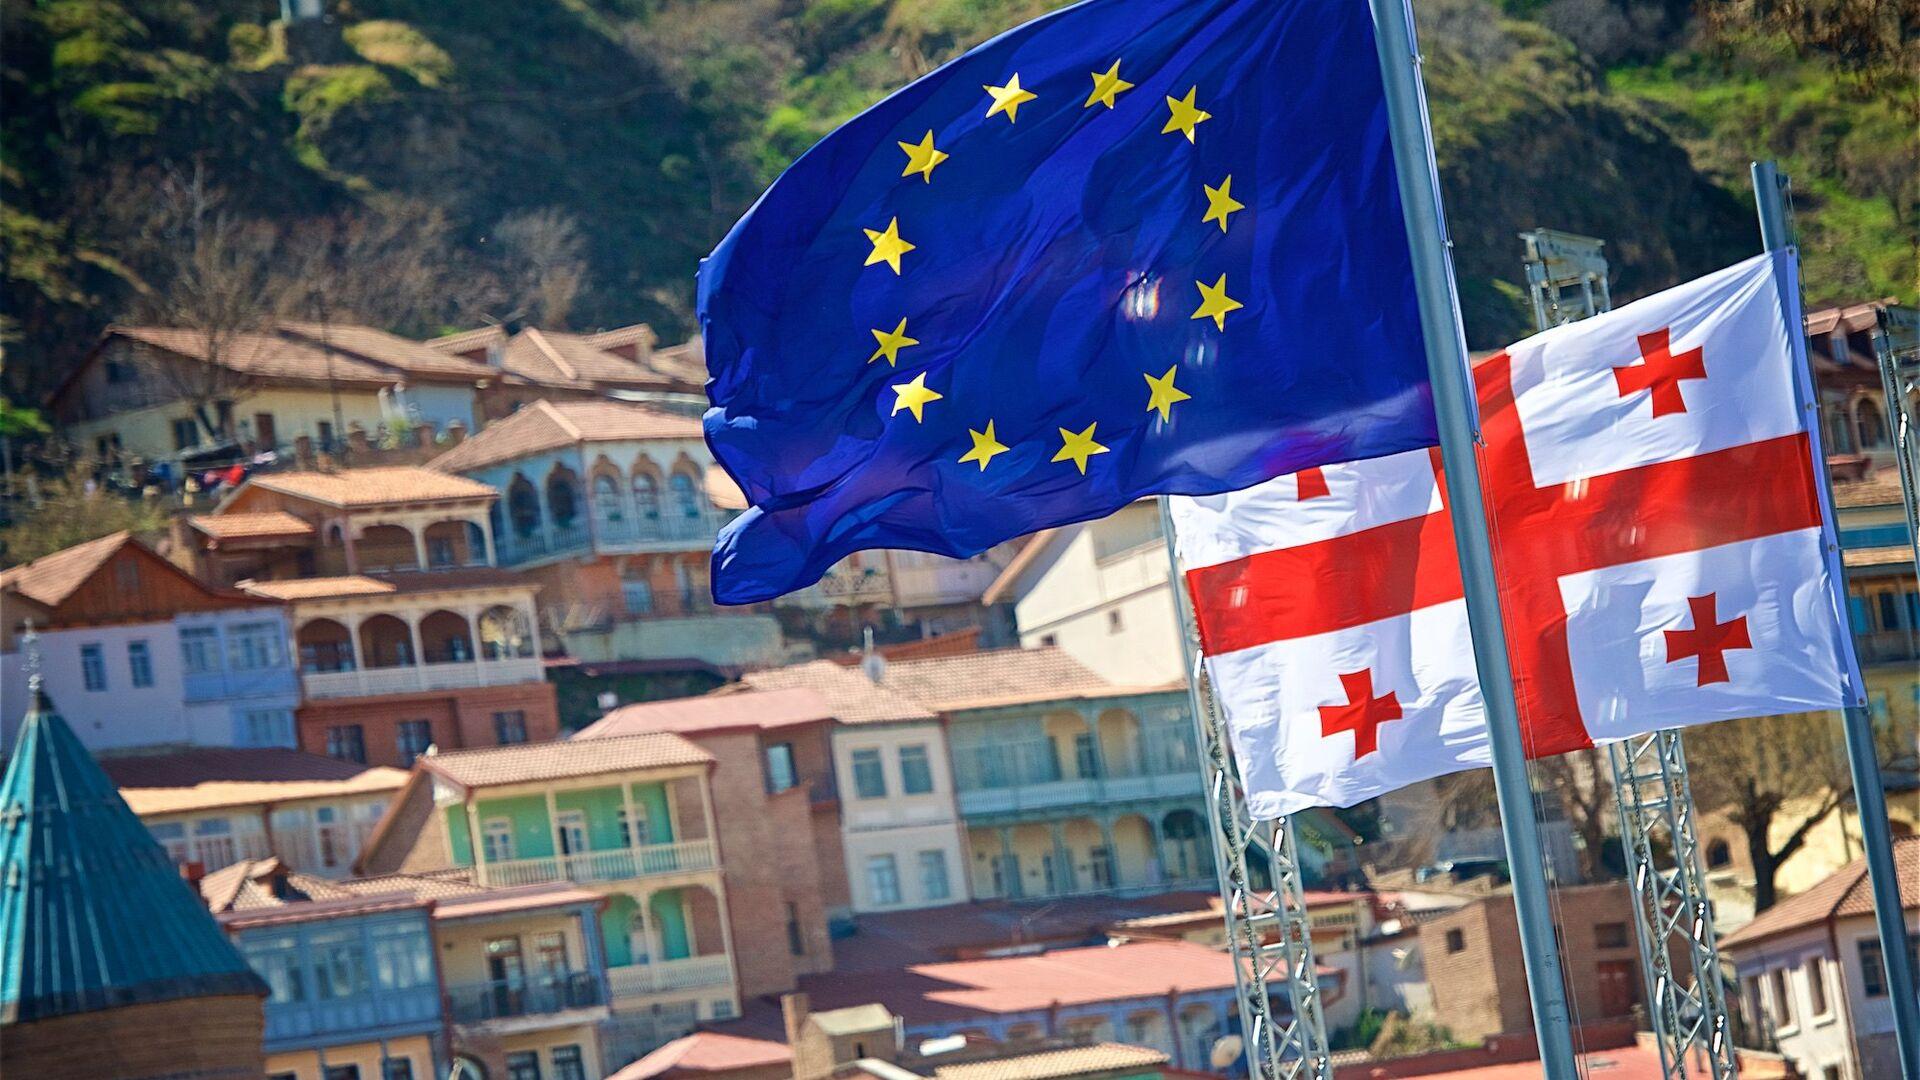 Флаги Евросоюза в центре столицы Грузии - Sputnik Грузия, 1920, 29.09.2021